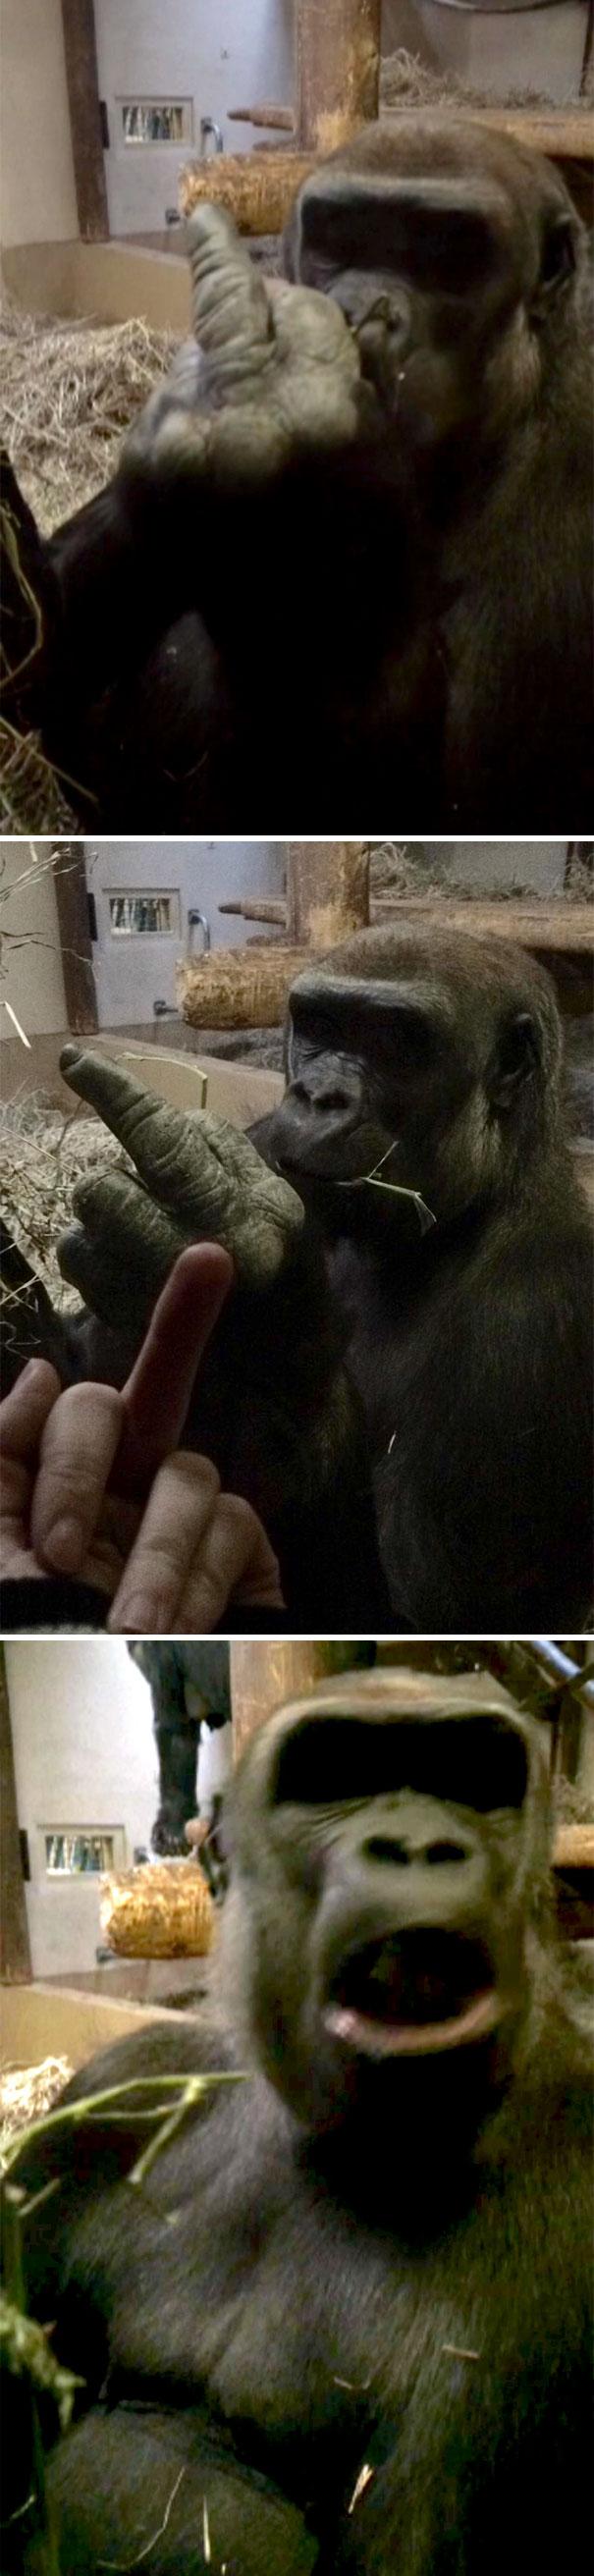 Um gorila me afastou, então eu o afundei no retorno e ele estava muito ofendido